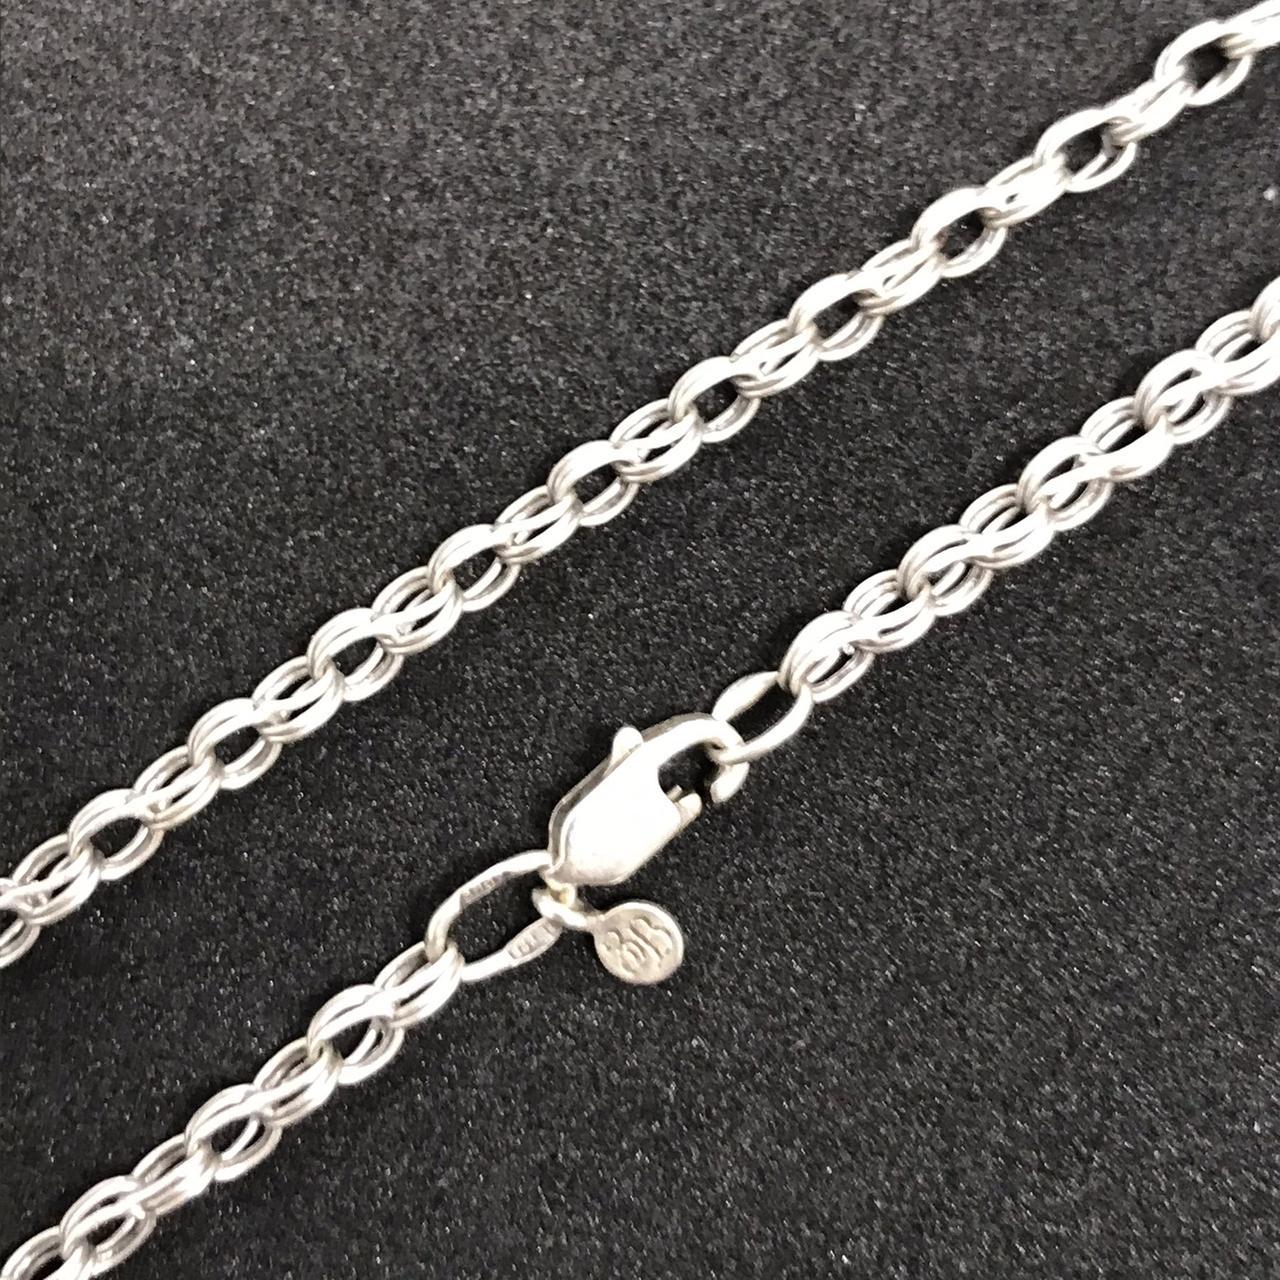 Серебряная цепочка Б/У 925 пробы, плетение фантазийное, длина 54 см, вес 6,38 г. Серебро БУ в Украине